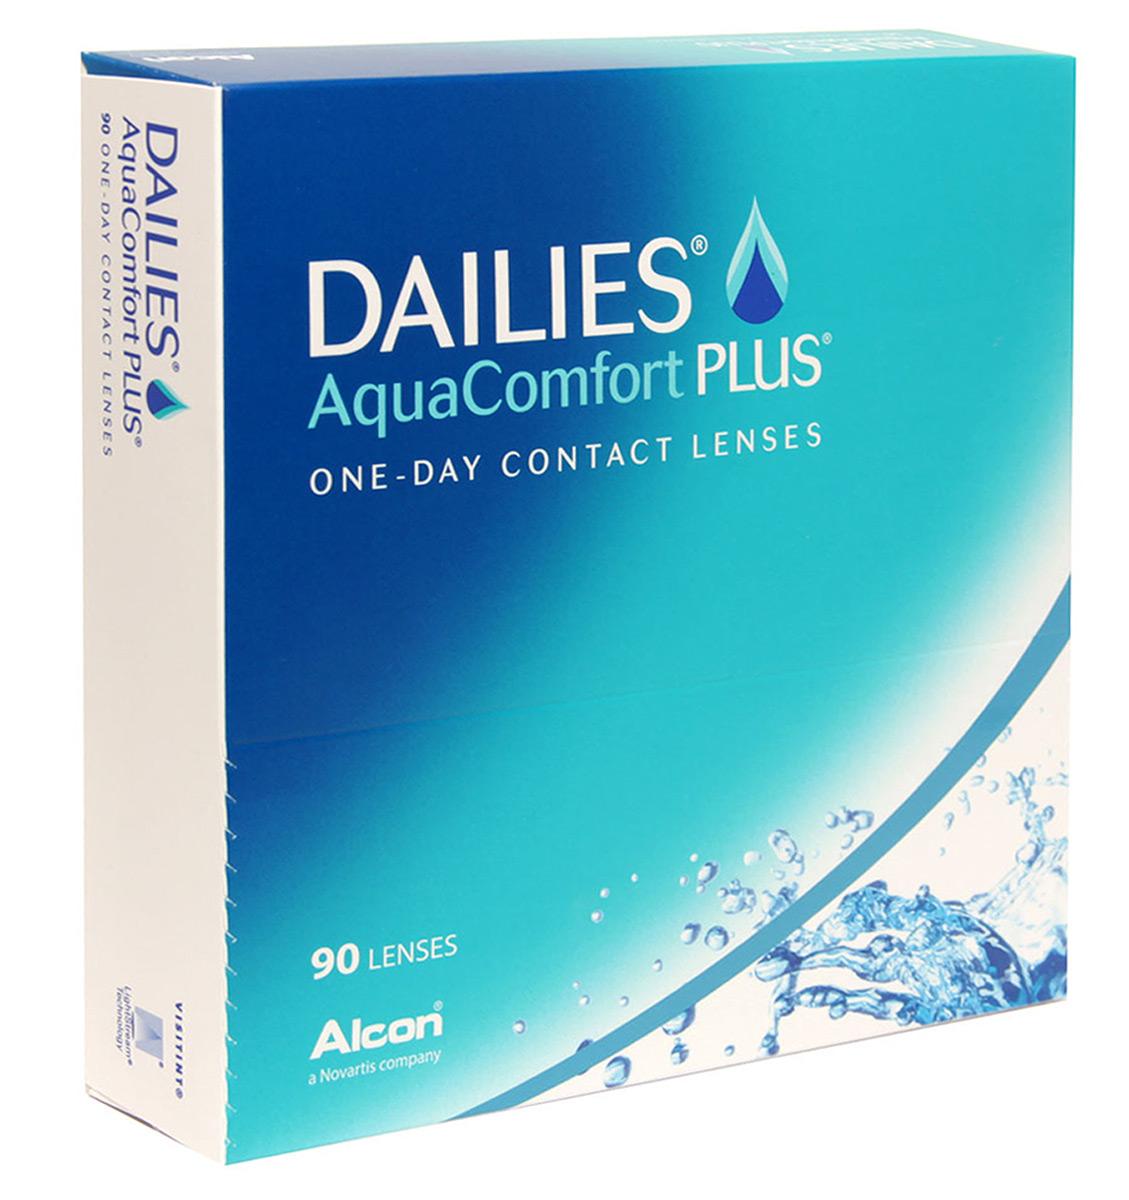 CIBA контактные линзы Dailies AquaComfort Plus (90шт / 8.7 / 14.0 / +1.75)38348Dailies Aqua Comfort Plus (90 блистеров) – это одни из самых популярных однодневных линз производства компании CIBA VISION. Эти линзы пользуются огромной популярностью во всем мире и являются на сегодняшний день самыми безопасными контактными линзами. Изготавливаются линзы из современного, 100% безопасного материала нелфилкон А. Особенность этого материала в том, что он легко пропускает воздух и хорошо сохраняет влагу. Однодневные контактные линзы Dailies Aqua Comfort Plus не нуждаются в дополнительном уходе и затратах, каждый день вы надеваете свежую пару линз. Дизайн линзы биосовместимый, что гарантирует безупречный комфорт. Самое главное достоинство Dailies Aqua Comfort Plus – это их уникальная система увлажнения. Благодаря этой разработке линзы увлажняются тремя различными агентами. Первый компонент, ухаживающий за линзами, находится в растворе, он как бы обволакивает линзу, обеспечивая чрезвычайно комфортное надевание. Второй агент выделяется на протяжении всего дня, он...